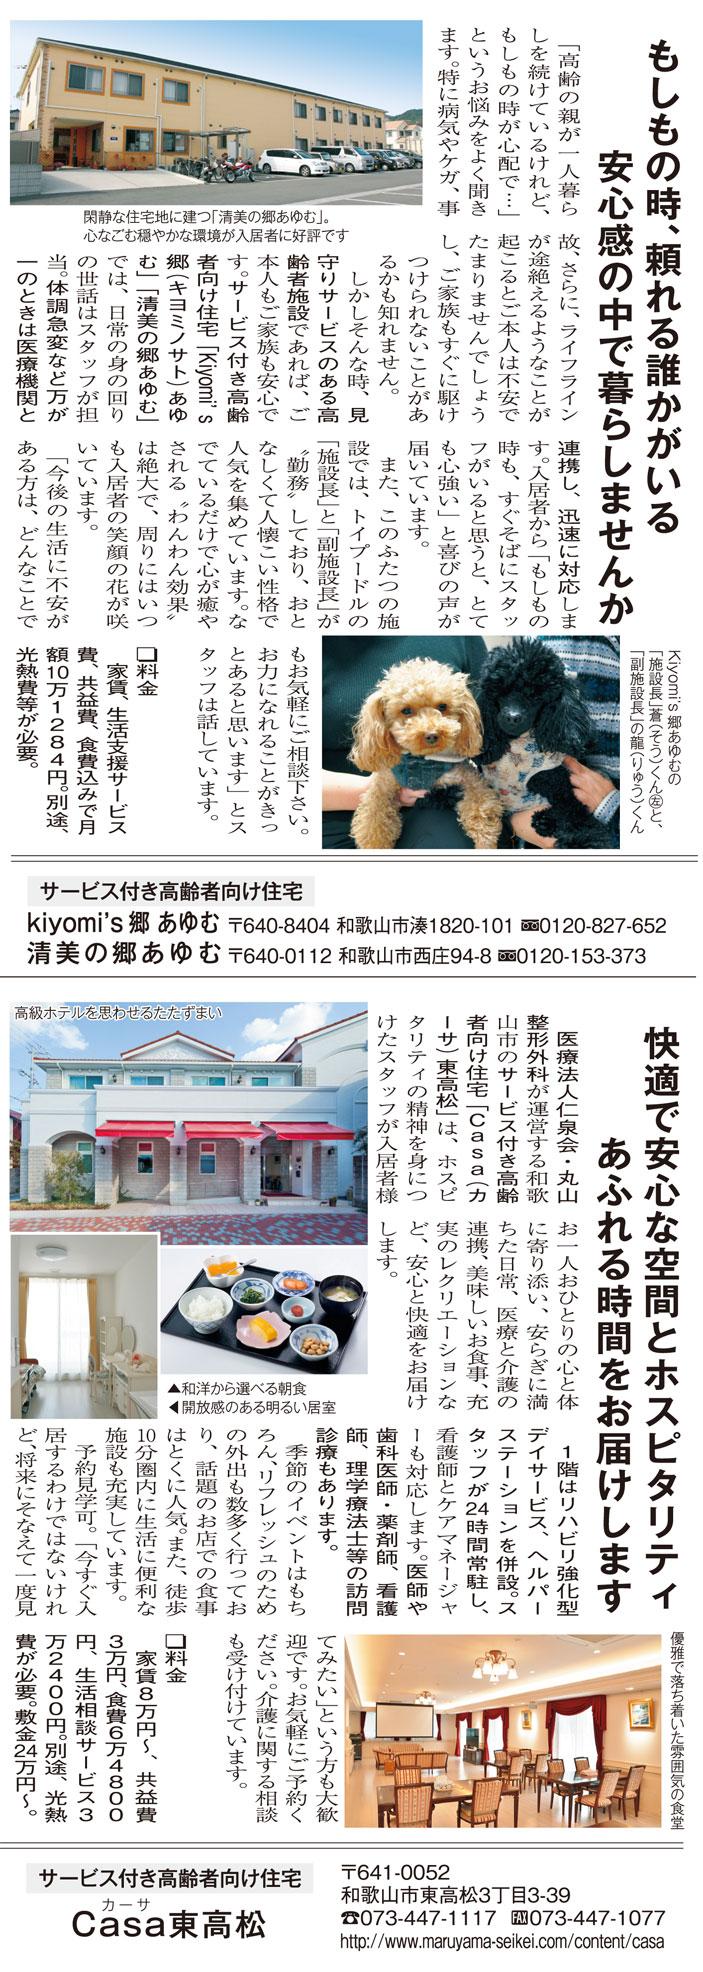 近ごろの介護施設情報〜kiyomi's郷あゆむ・清美の郷あゆむ、Casa東高松